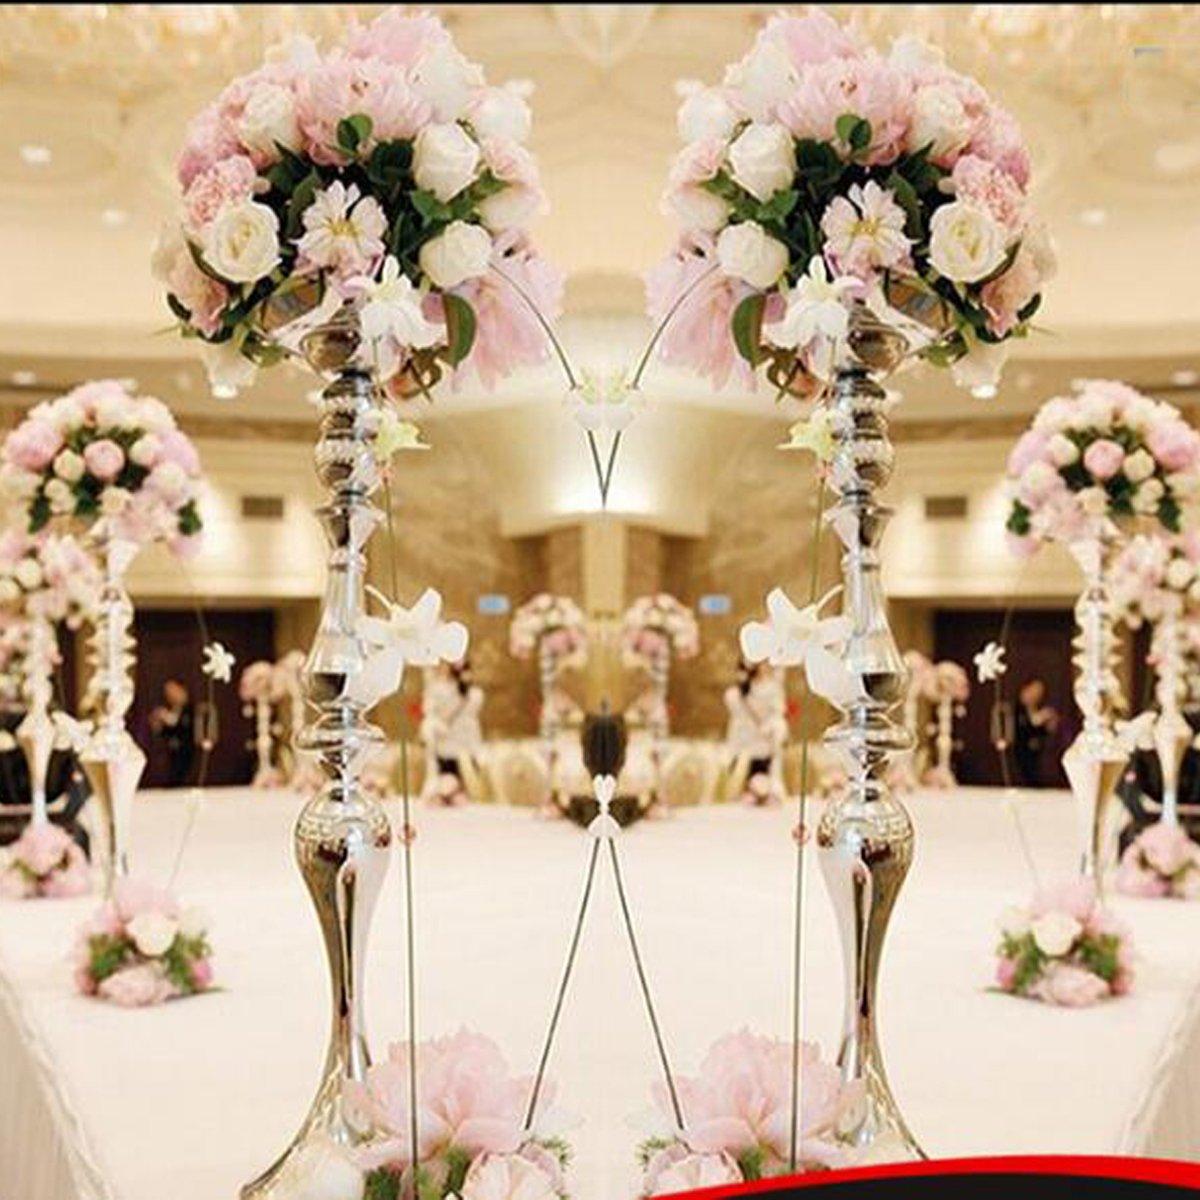 5 ideas de centros de mesa para boda econmicos y originales La